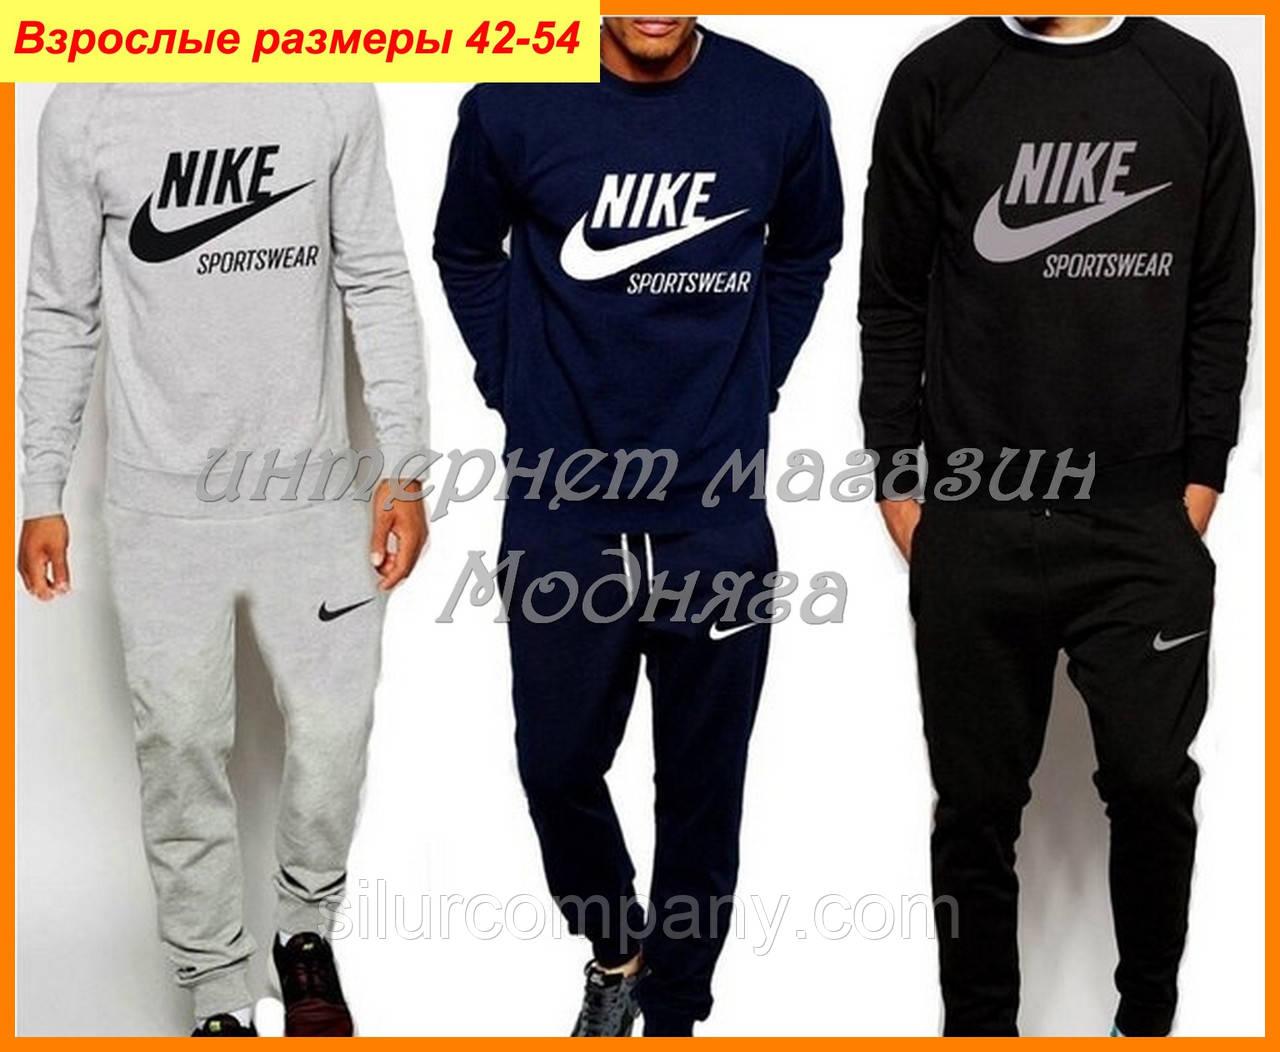 7161fa5db3a6 Мужские спортивные костюмы Nike толстовка и штаны - Интернет магазин